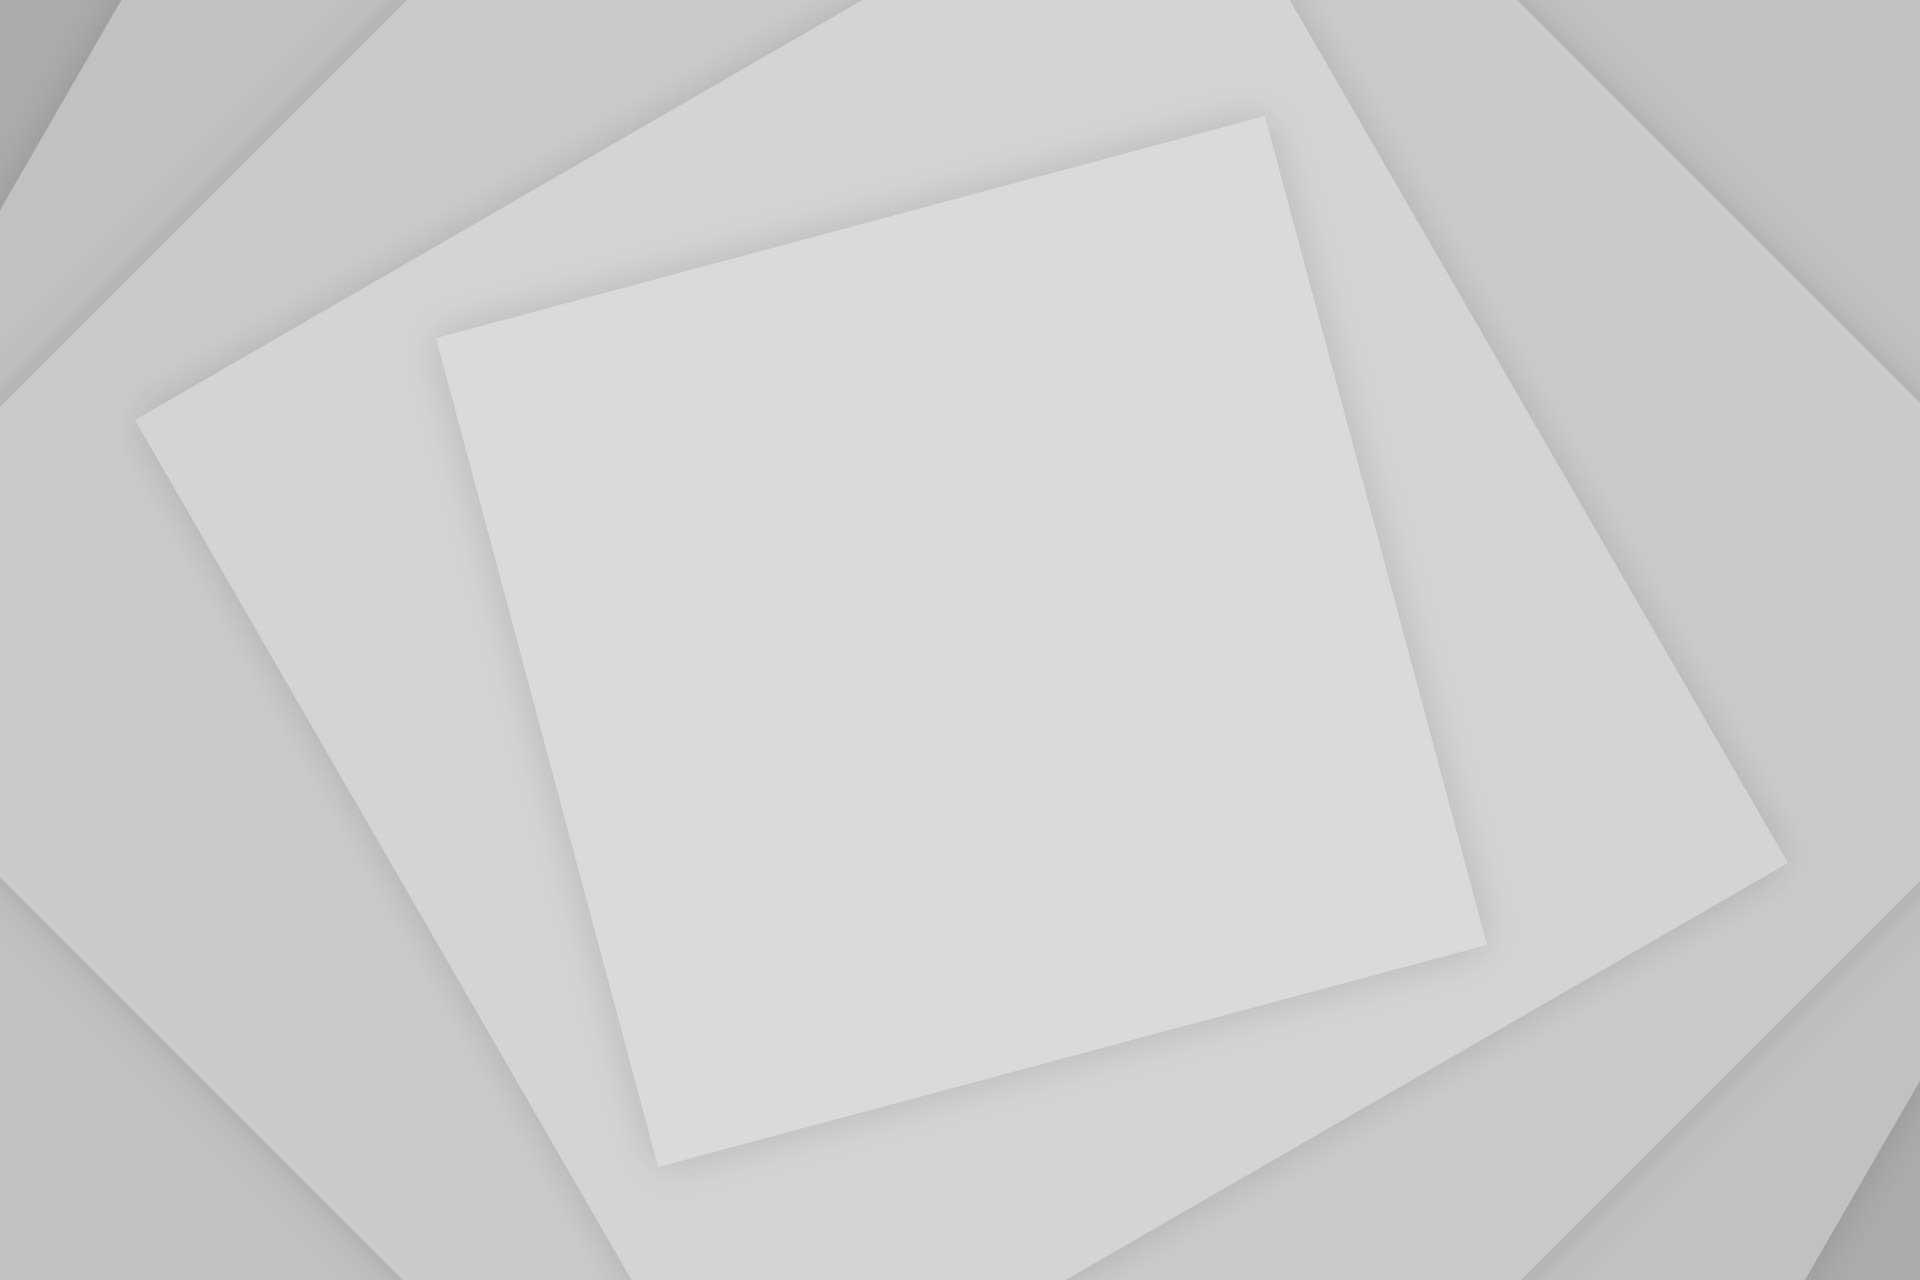 Наказ МОЗ України від 25.06.2018 № 1208 «Про декларування зміни оптово-відпускних цін на лікарські засоби станом на 18 червня 2018 року та внесення їх до реєстру та внесення змін до реєстру оптово-відпускних цін на лікарські засоби»